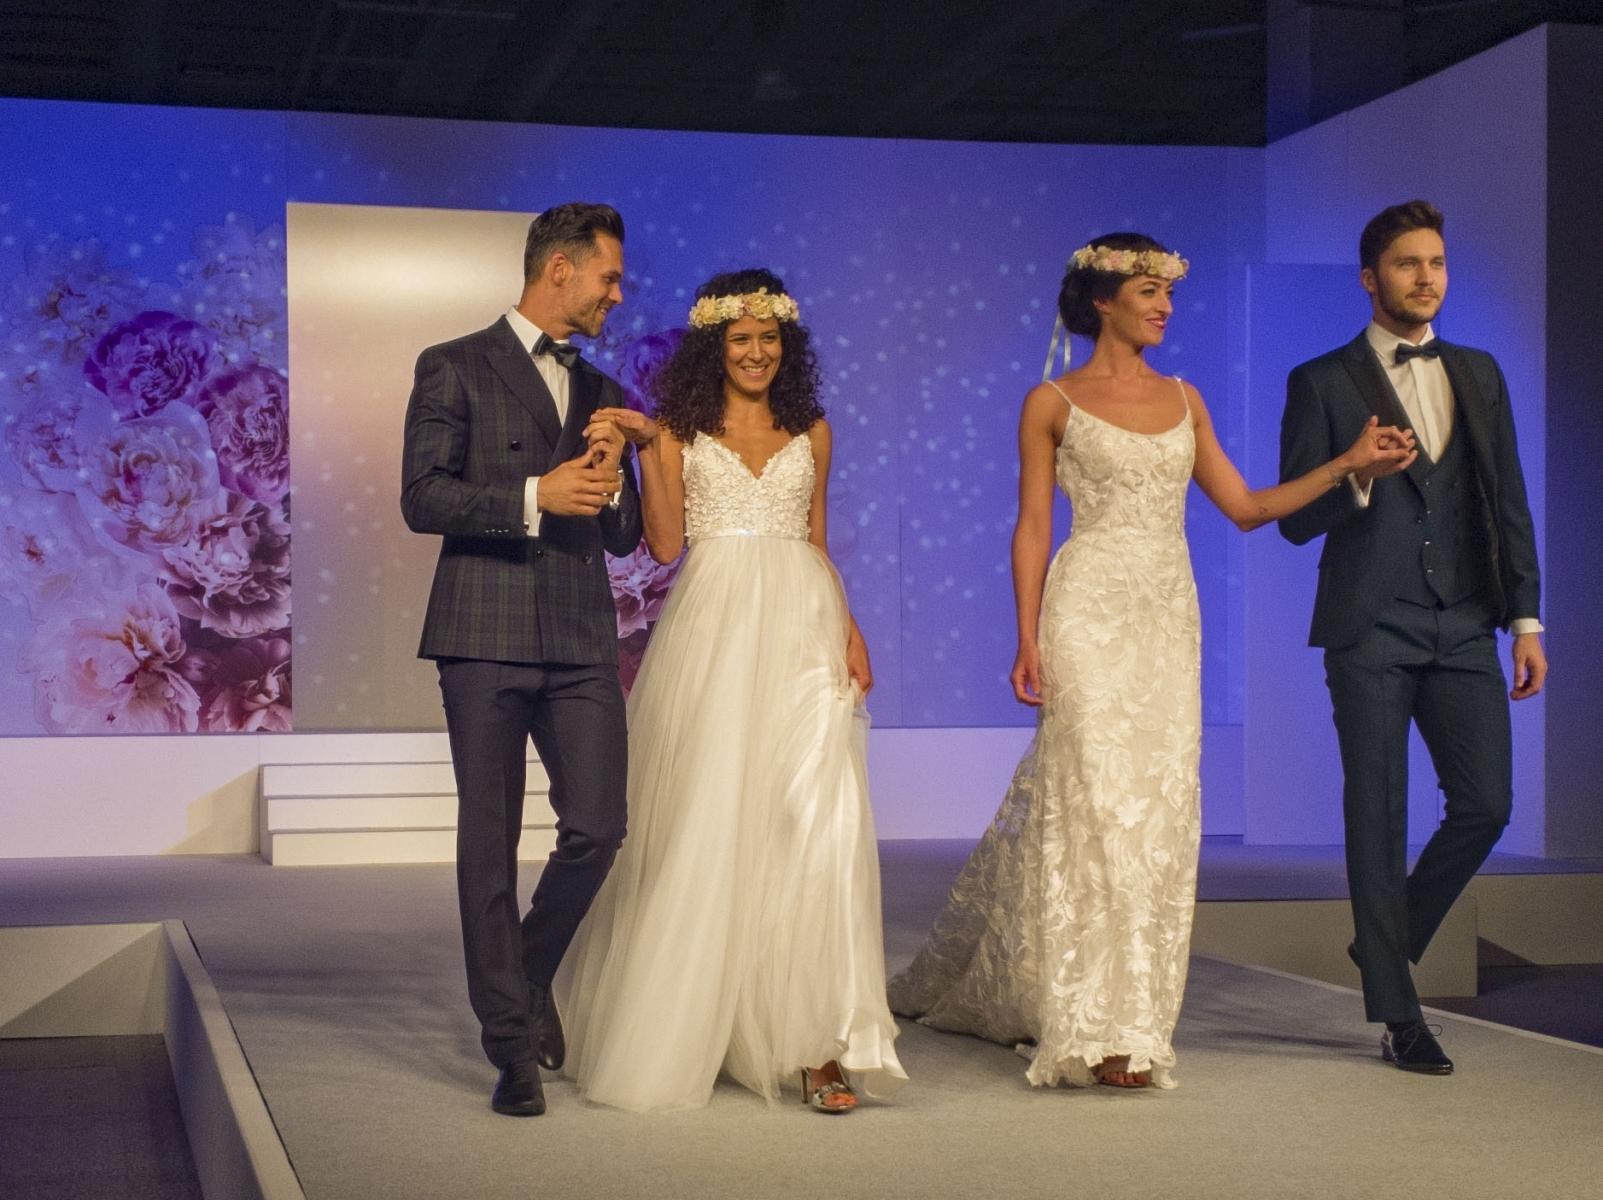 20191109-Hochzeitsmesse-SG-006